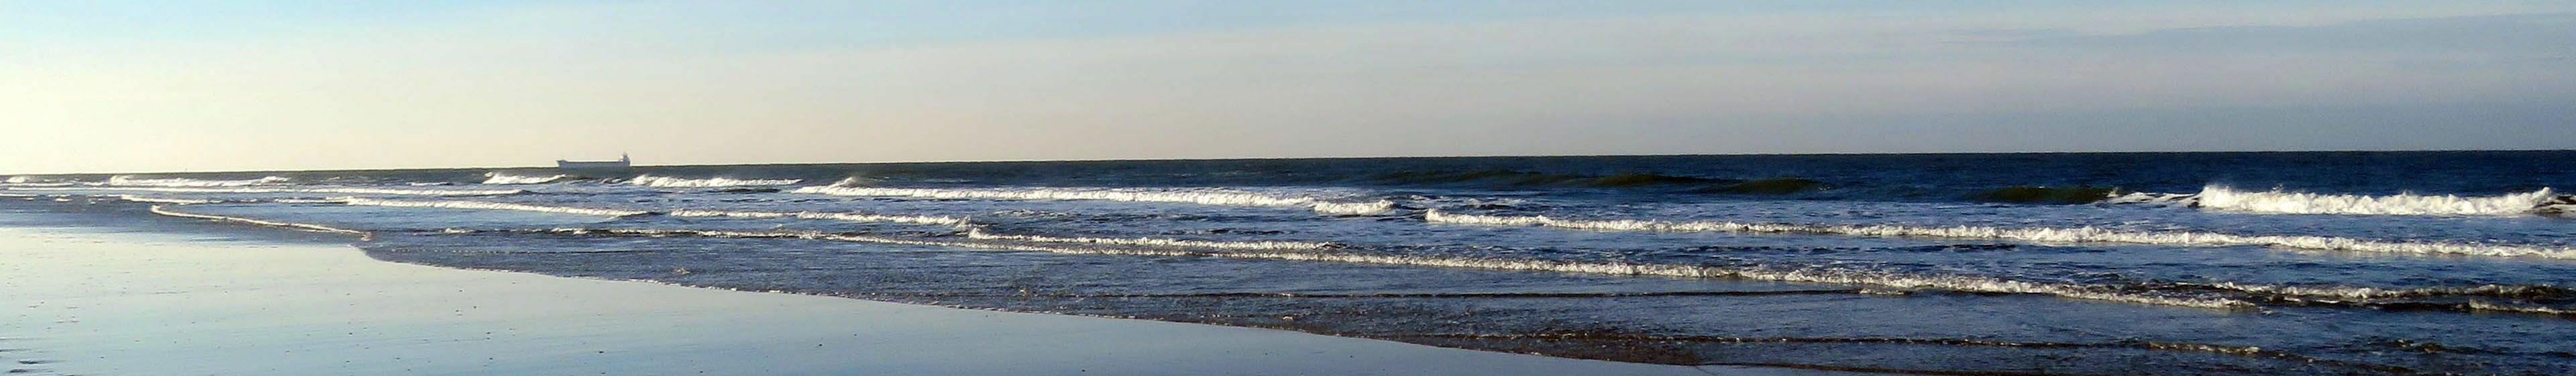 Freiräume, Meer, Weitsicht